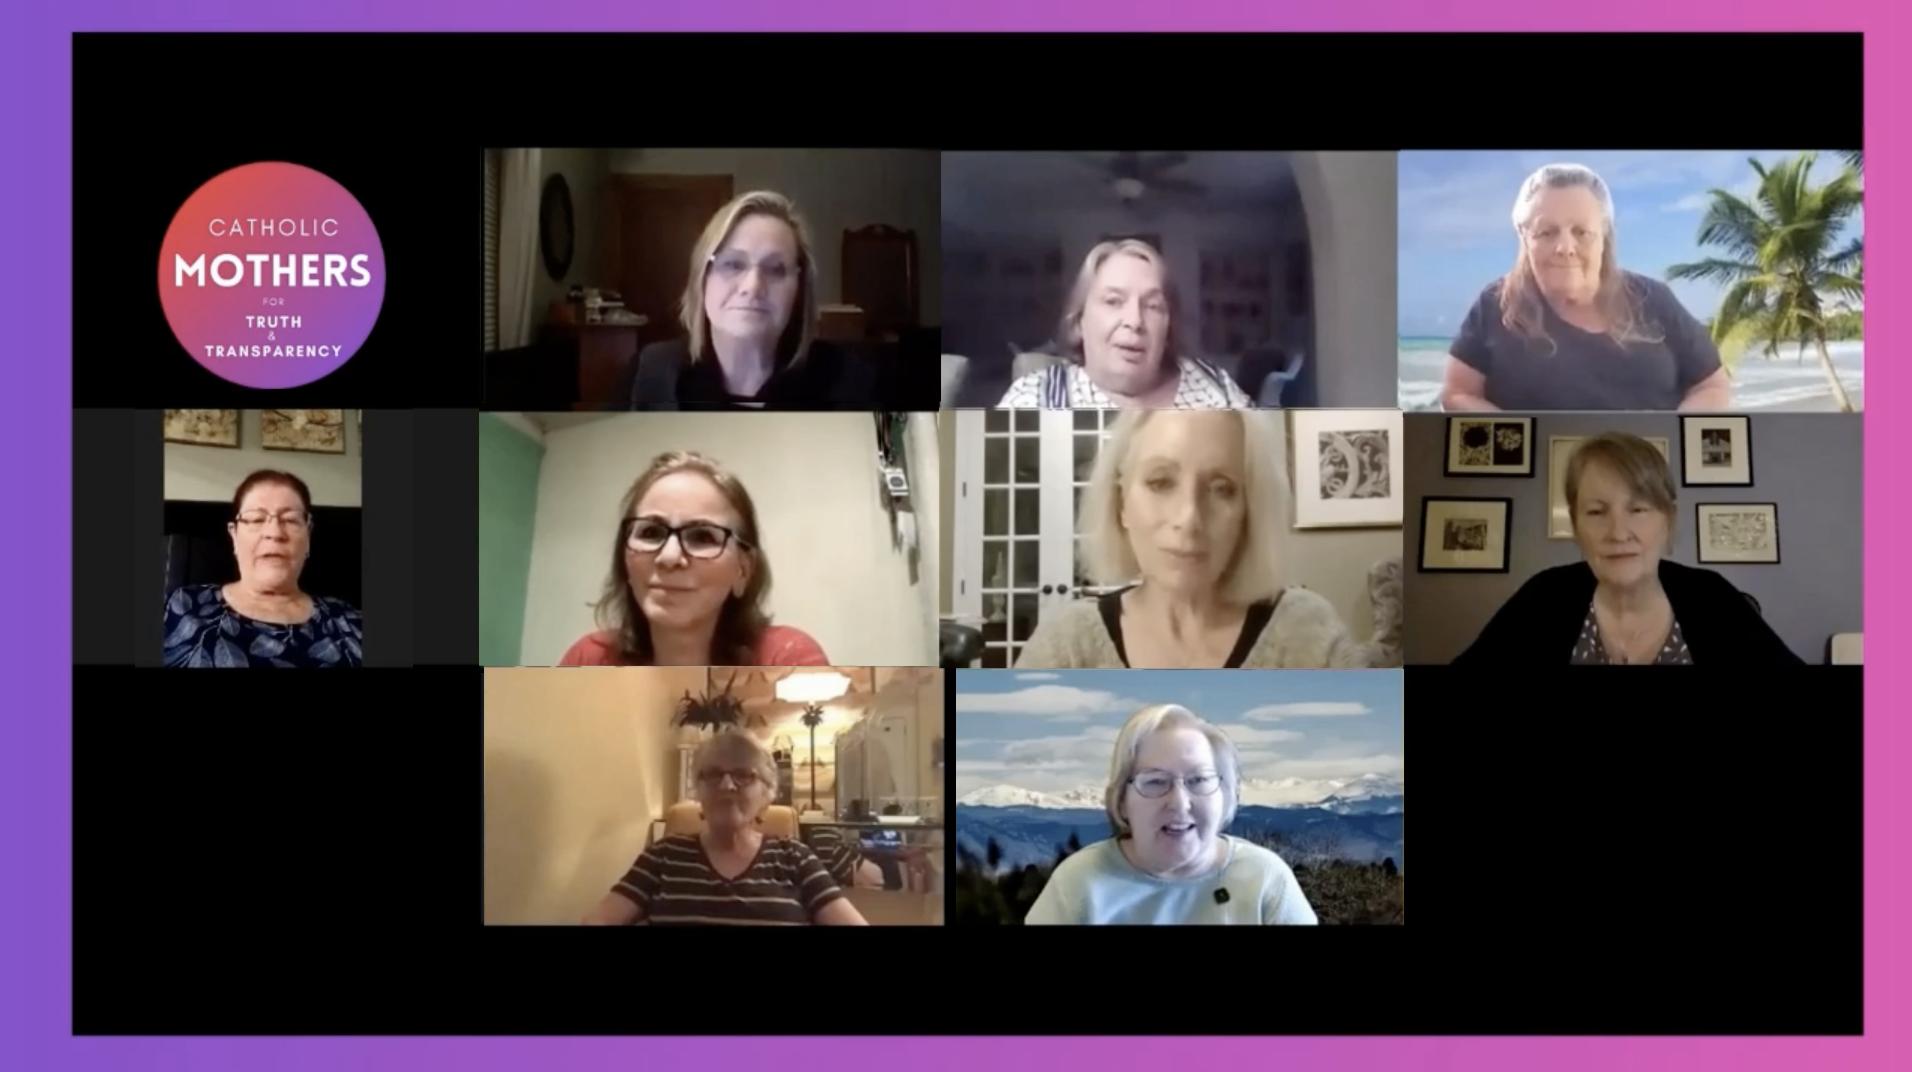 Catholic birthmothers to legislators: Help us heal